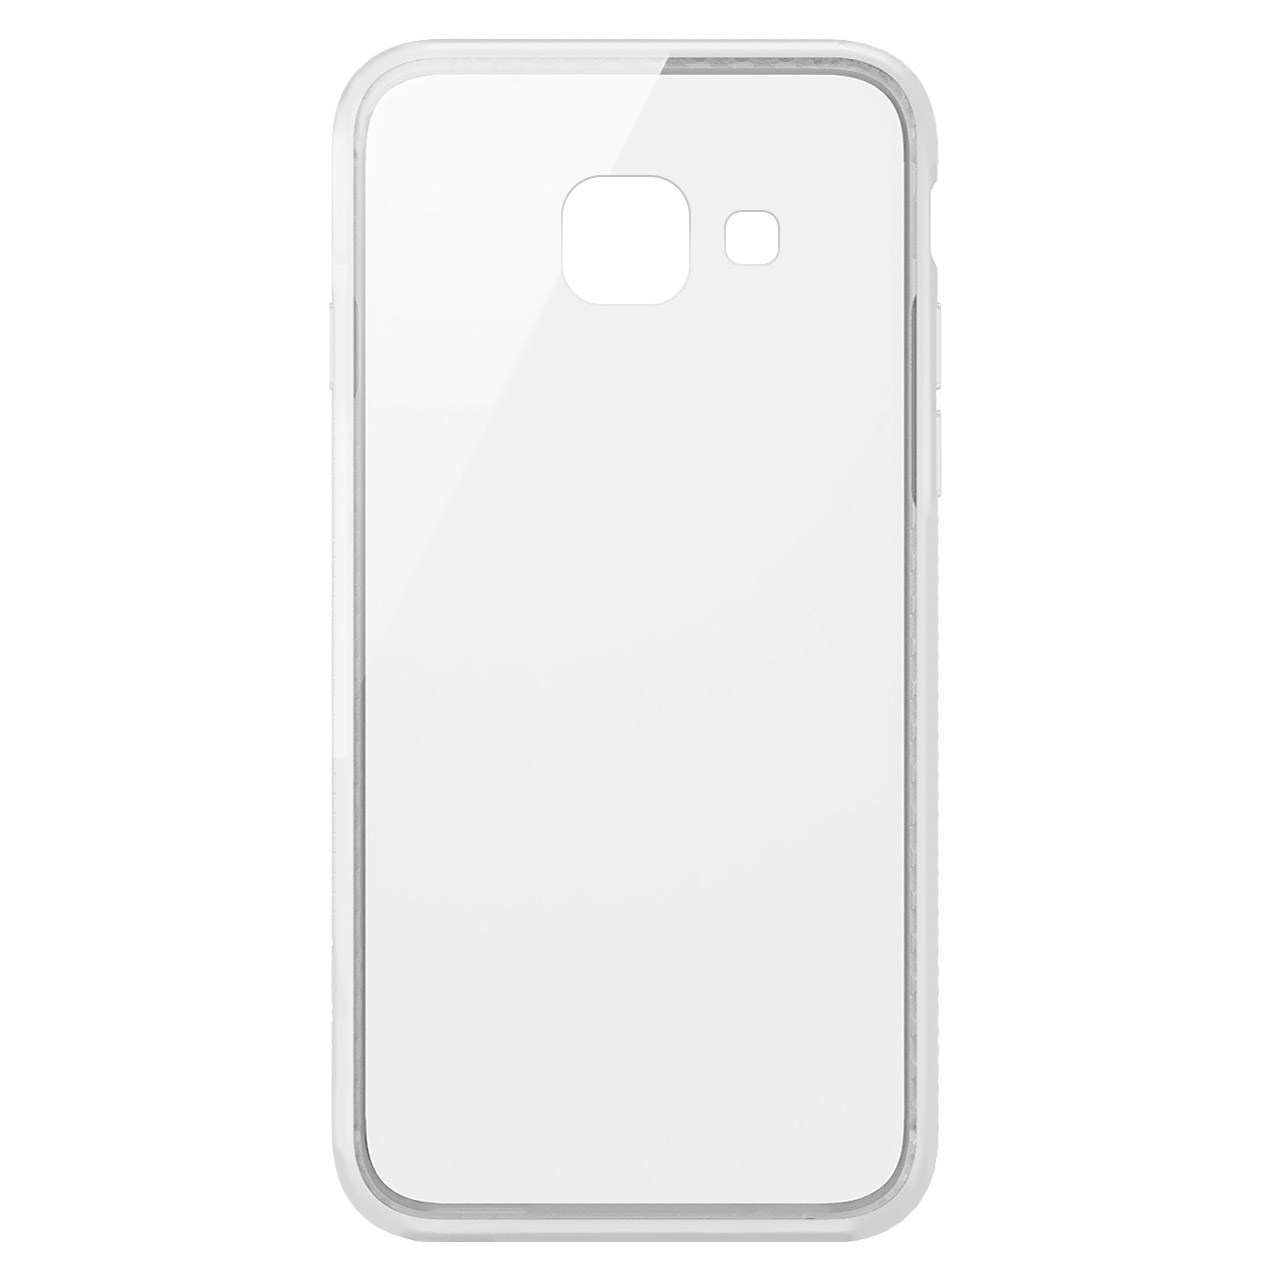 کاور مدل ClearTPU مناسب برای گوشی موبایل سامسونگ A5 2017              ( قیمت و خرید)